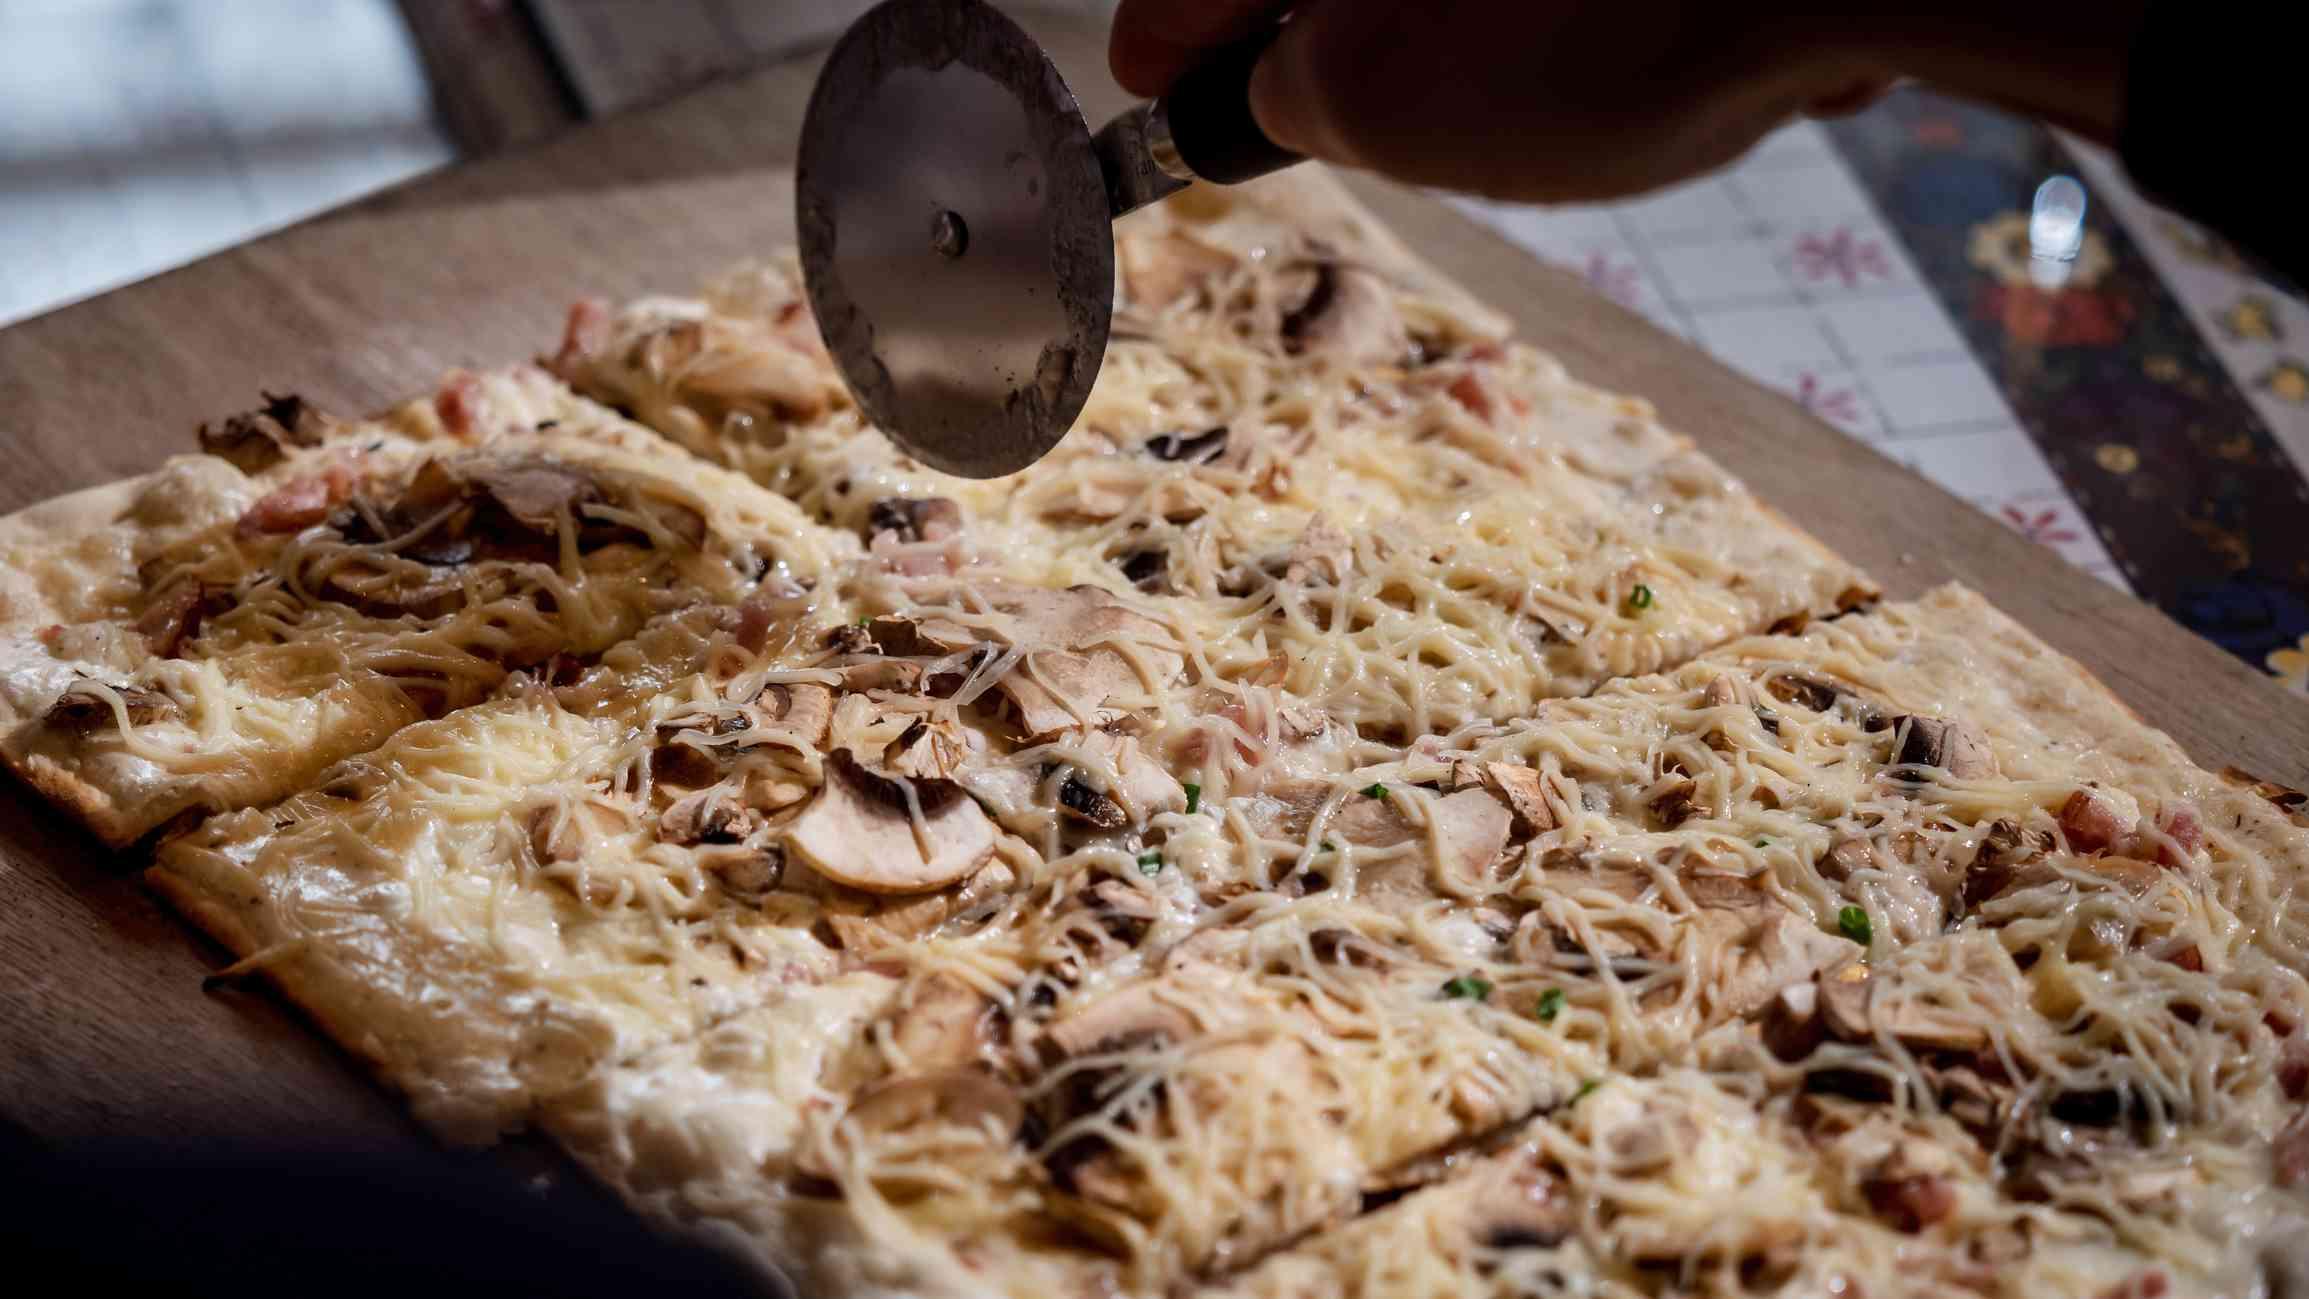 Flammekeuche, Alsatian-style pizza